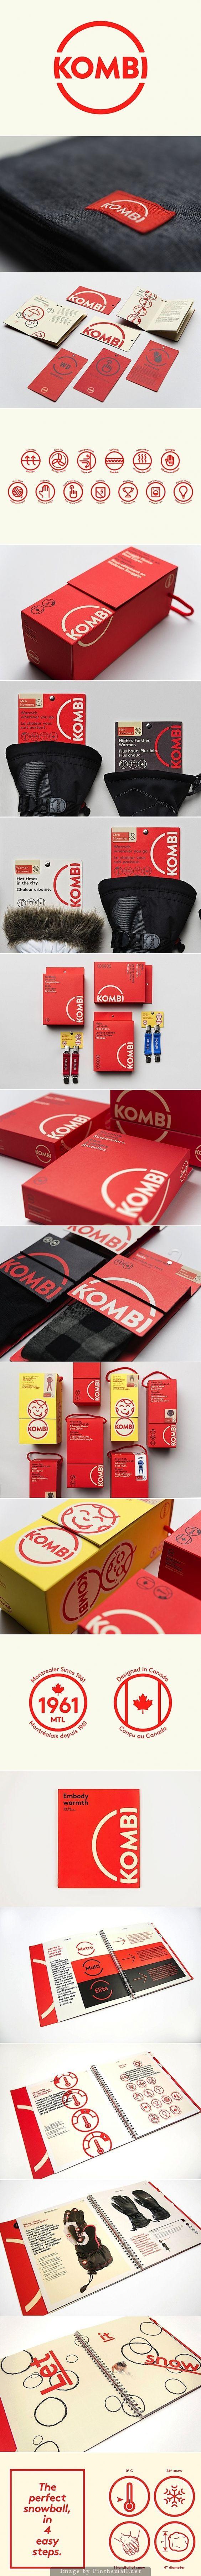 Kombi Branding on Behance   Fivestar Branding – Design and Branding Agency & Inspiration Gallery